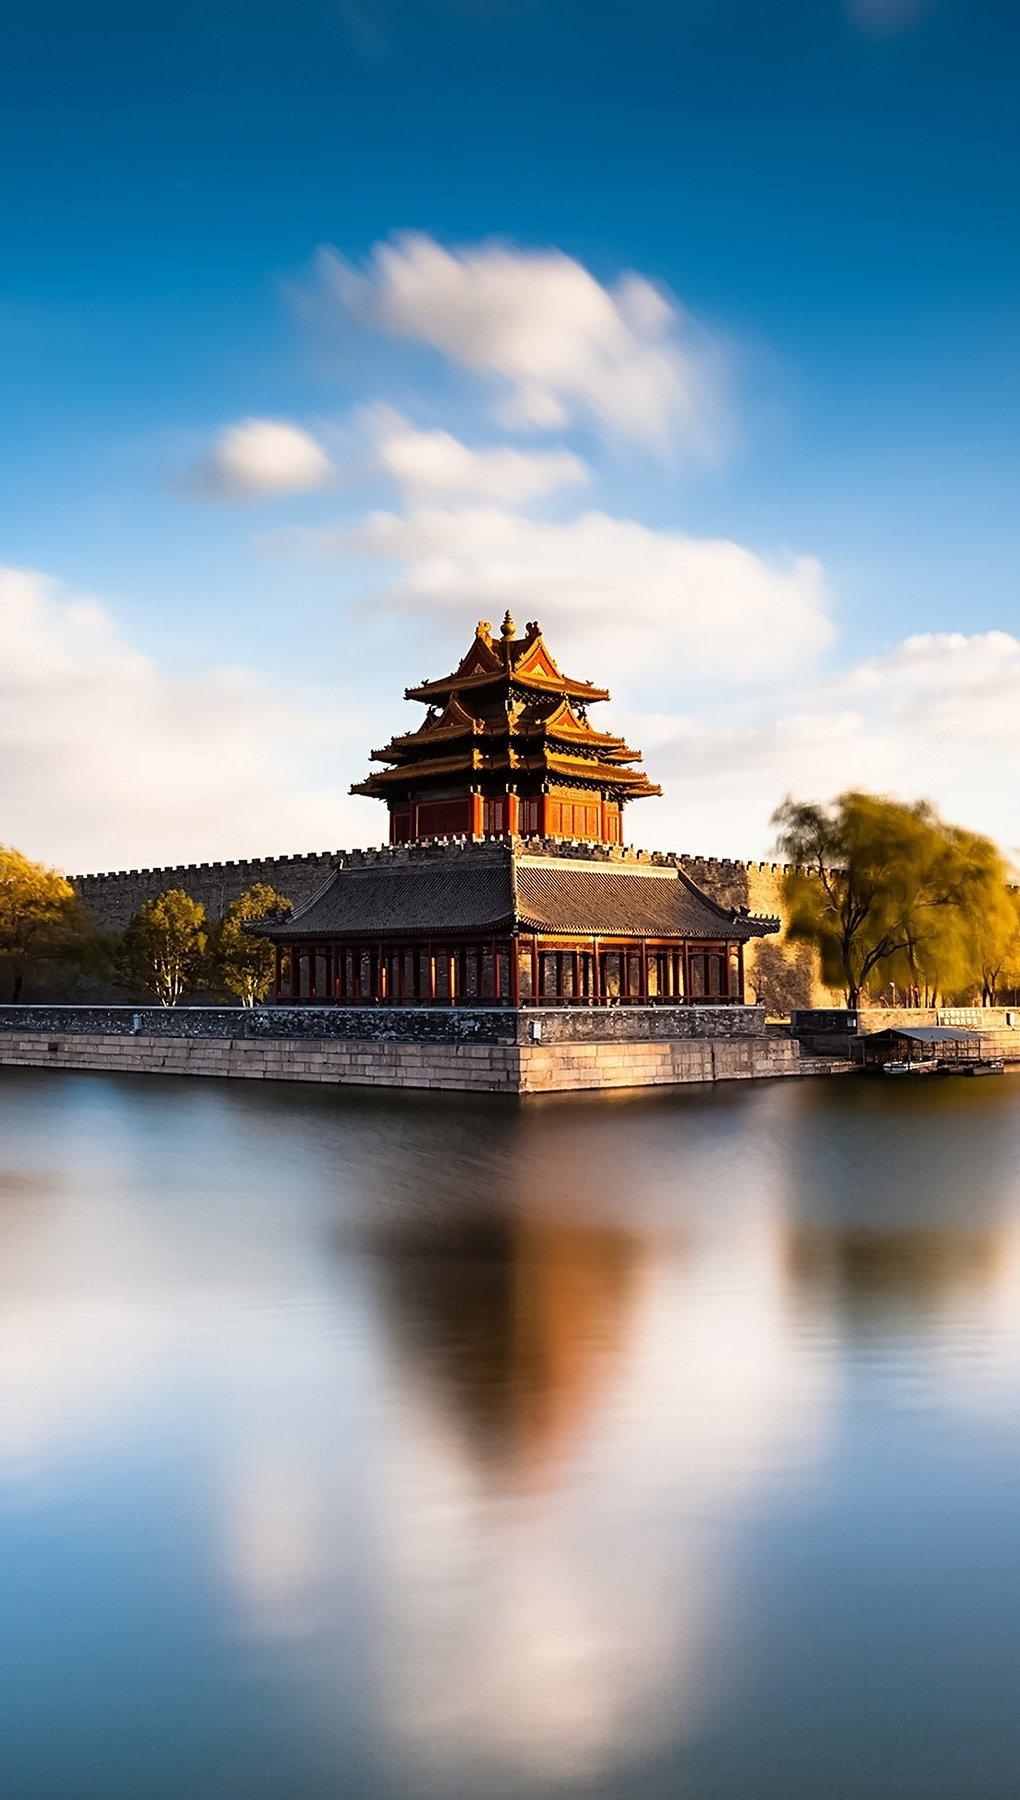 Wallpaper Forbidden city in Beijing Vertical